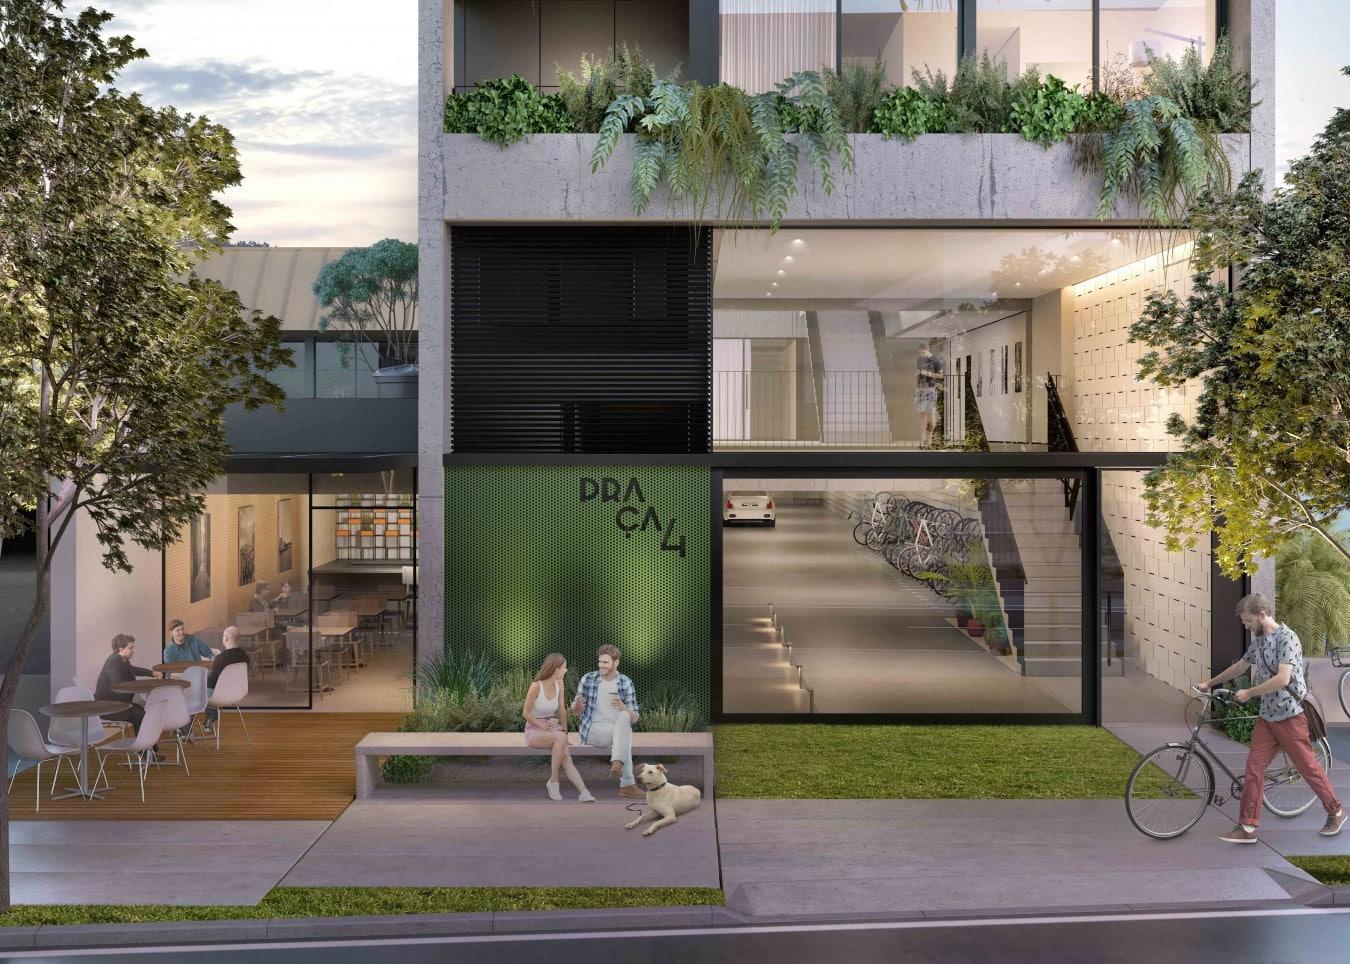 Fachada com espaço comercial - Vida moderna inspira projeto em Porto Alegre